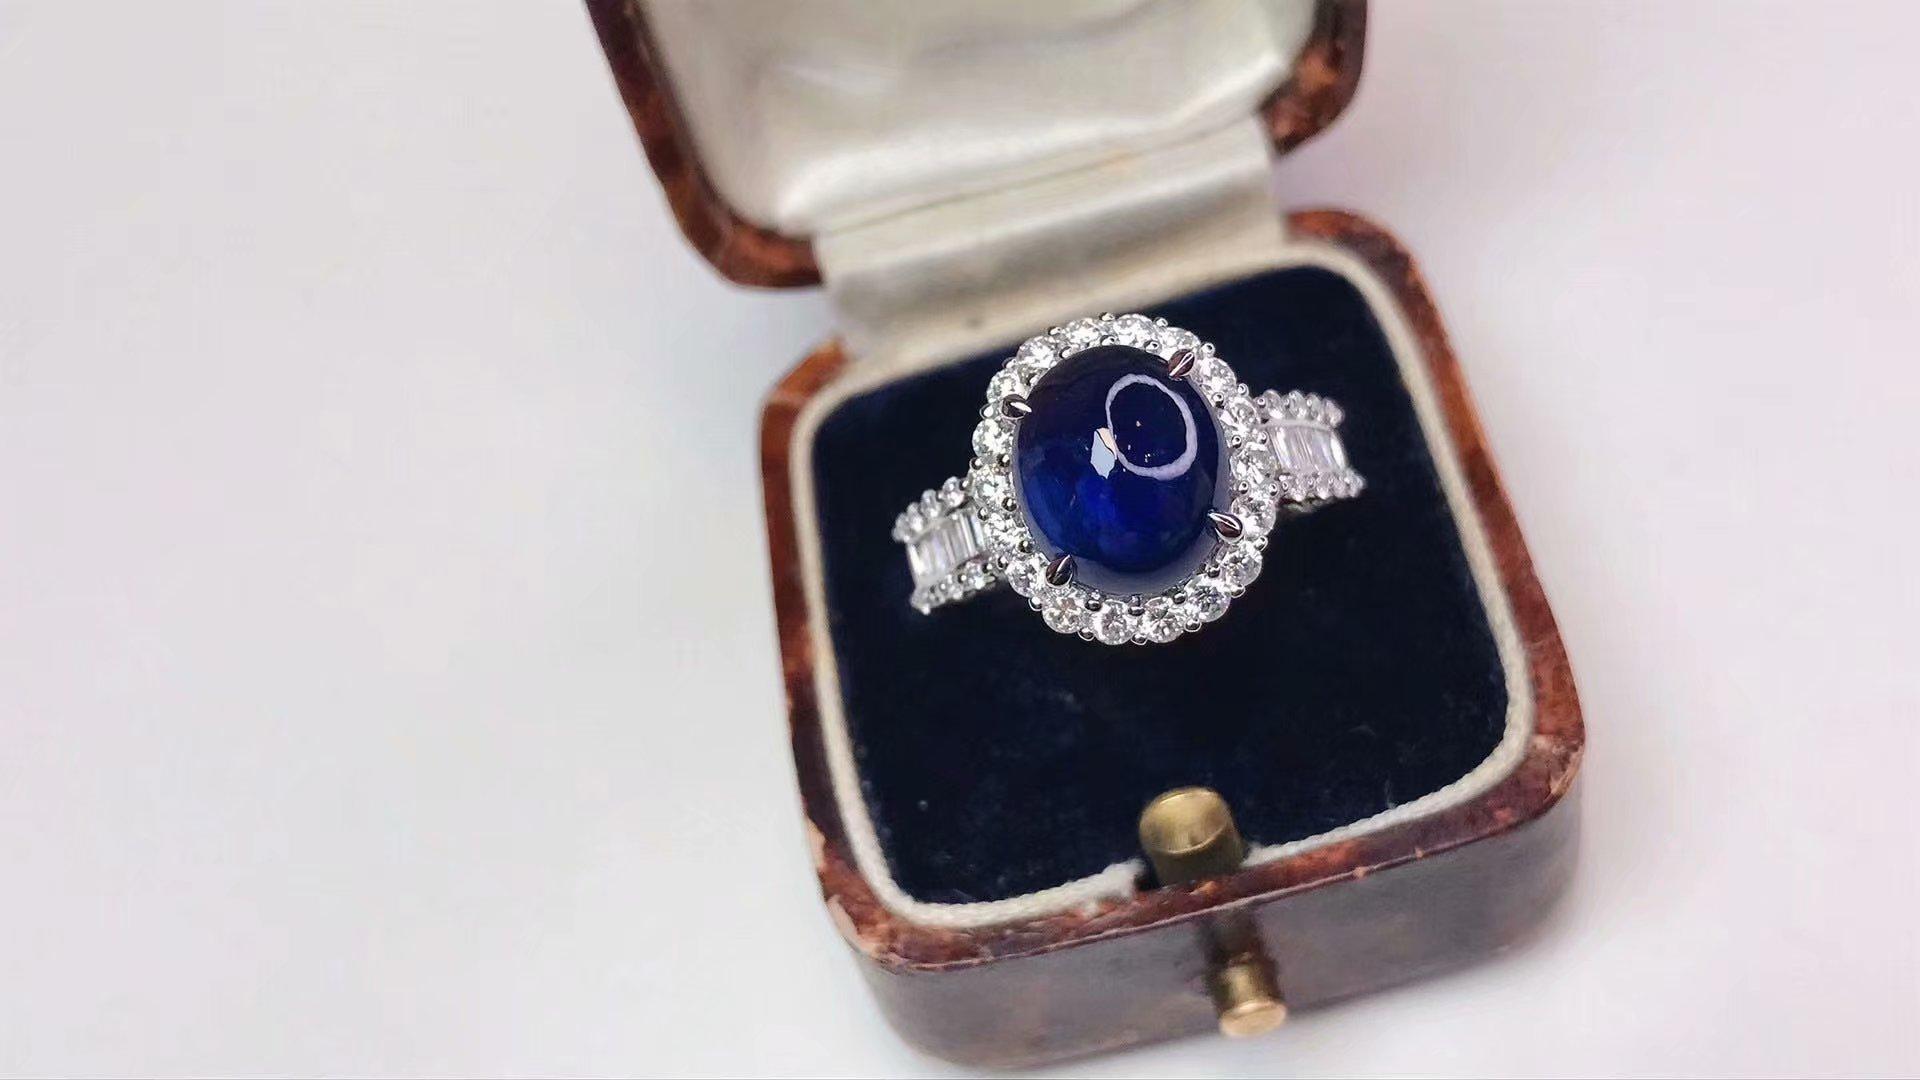 年末特惠18K金配南非钻石镶嵌女款 3.32克拉天然蓝宝石戒指送证书